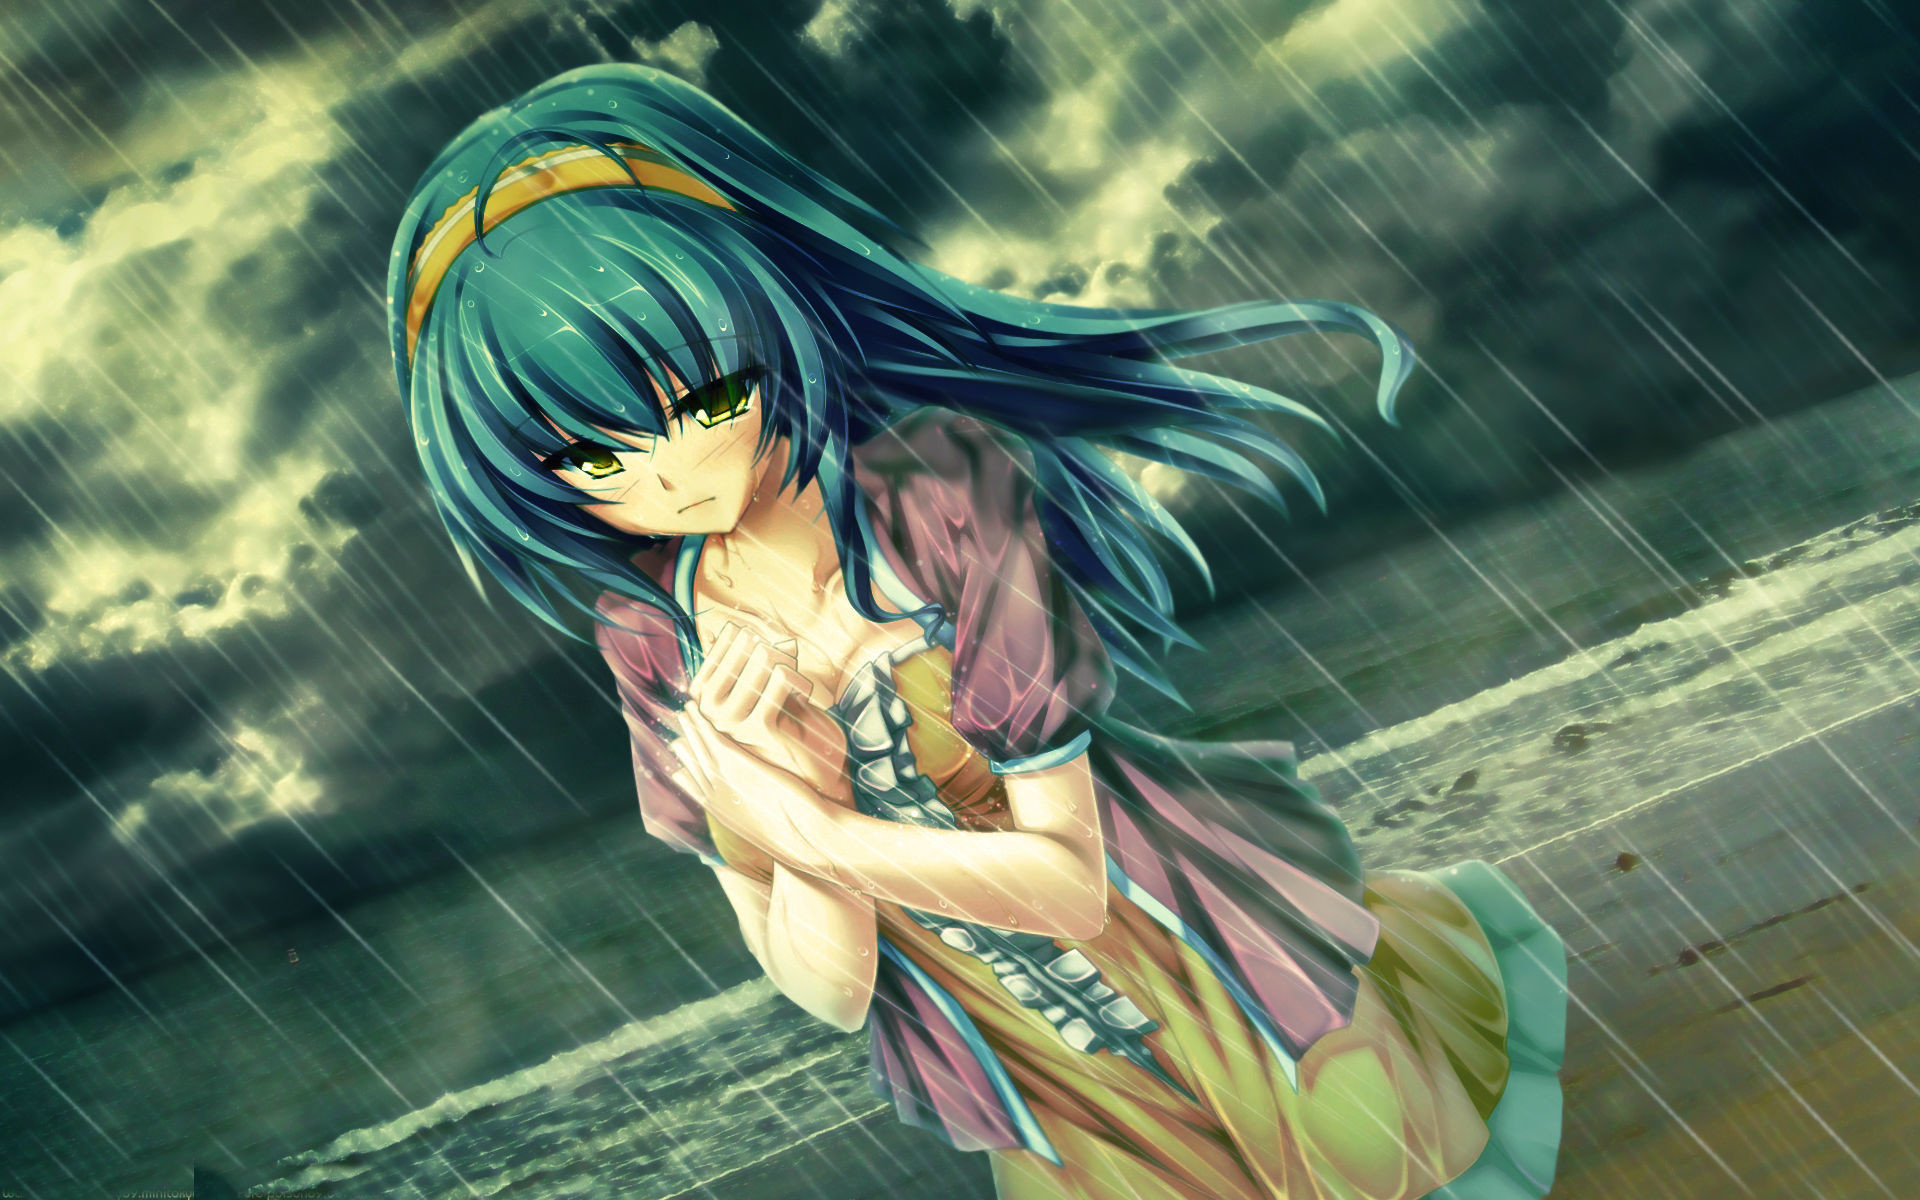 Sad Anime Wallpapers ·① WallpaperTag